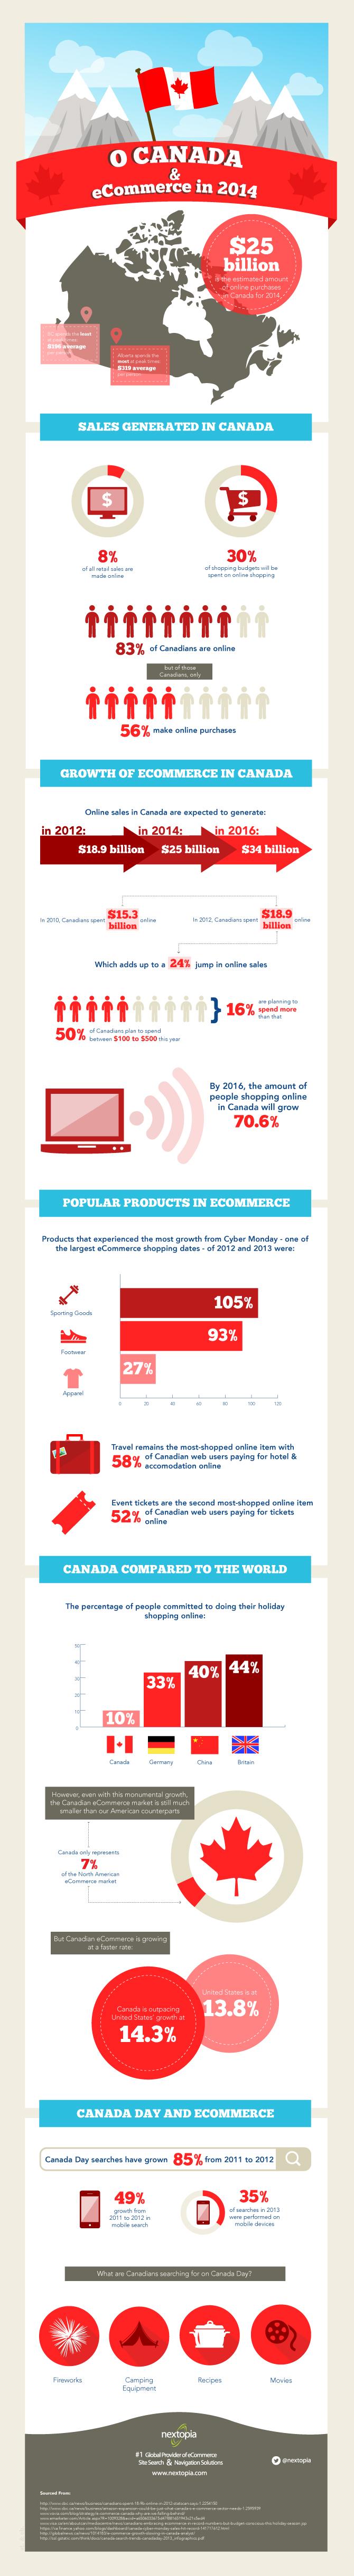 Comercio electrónico en Canadá